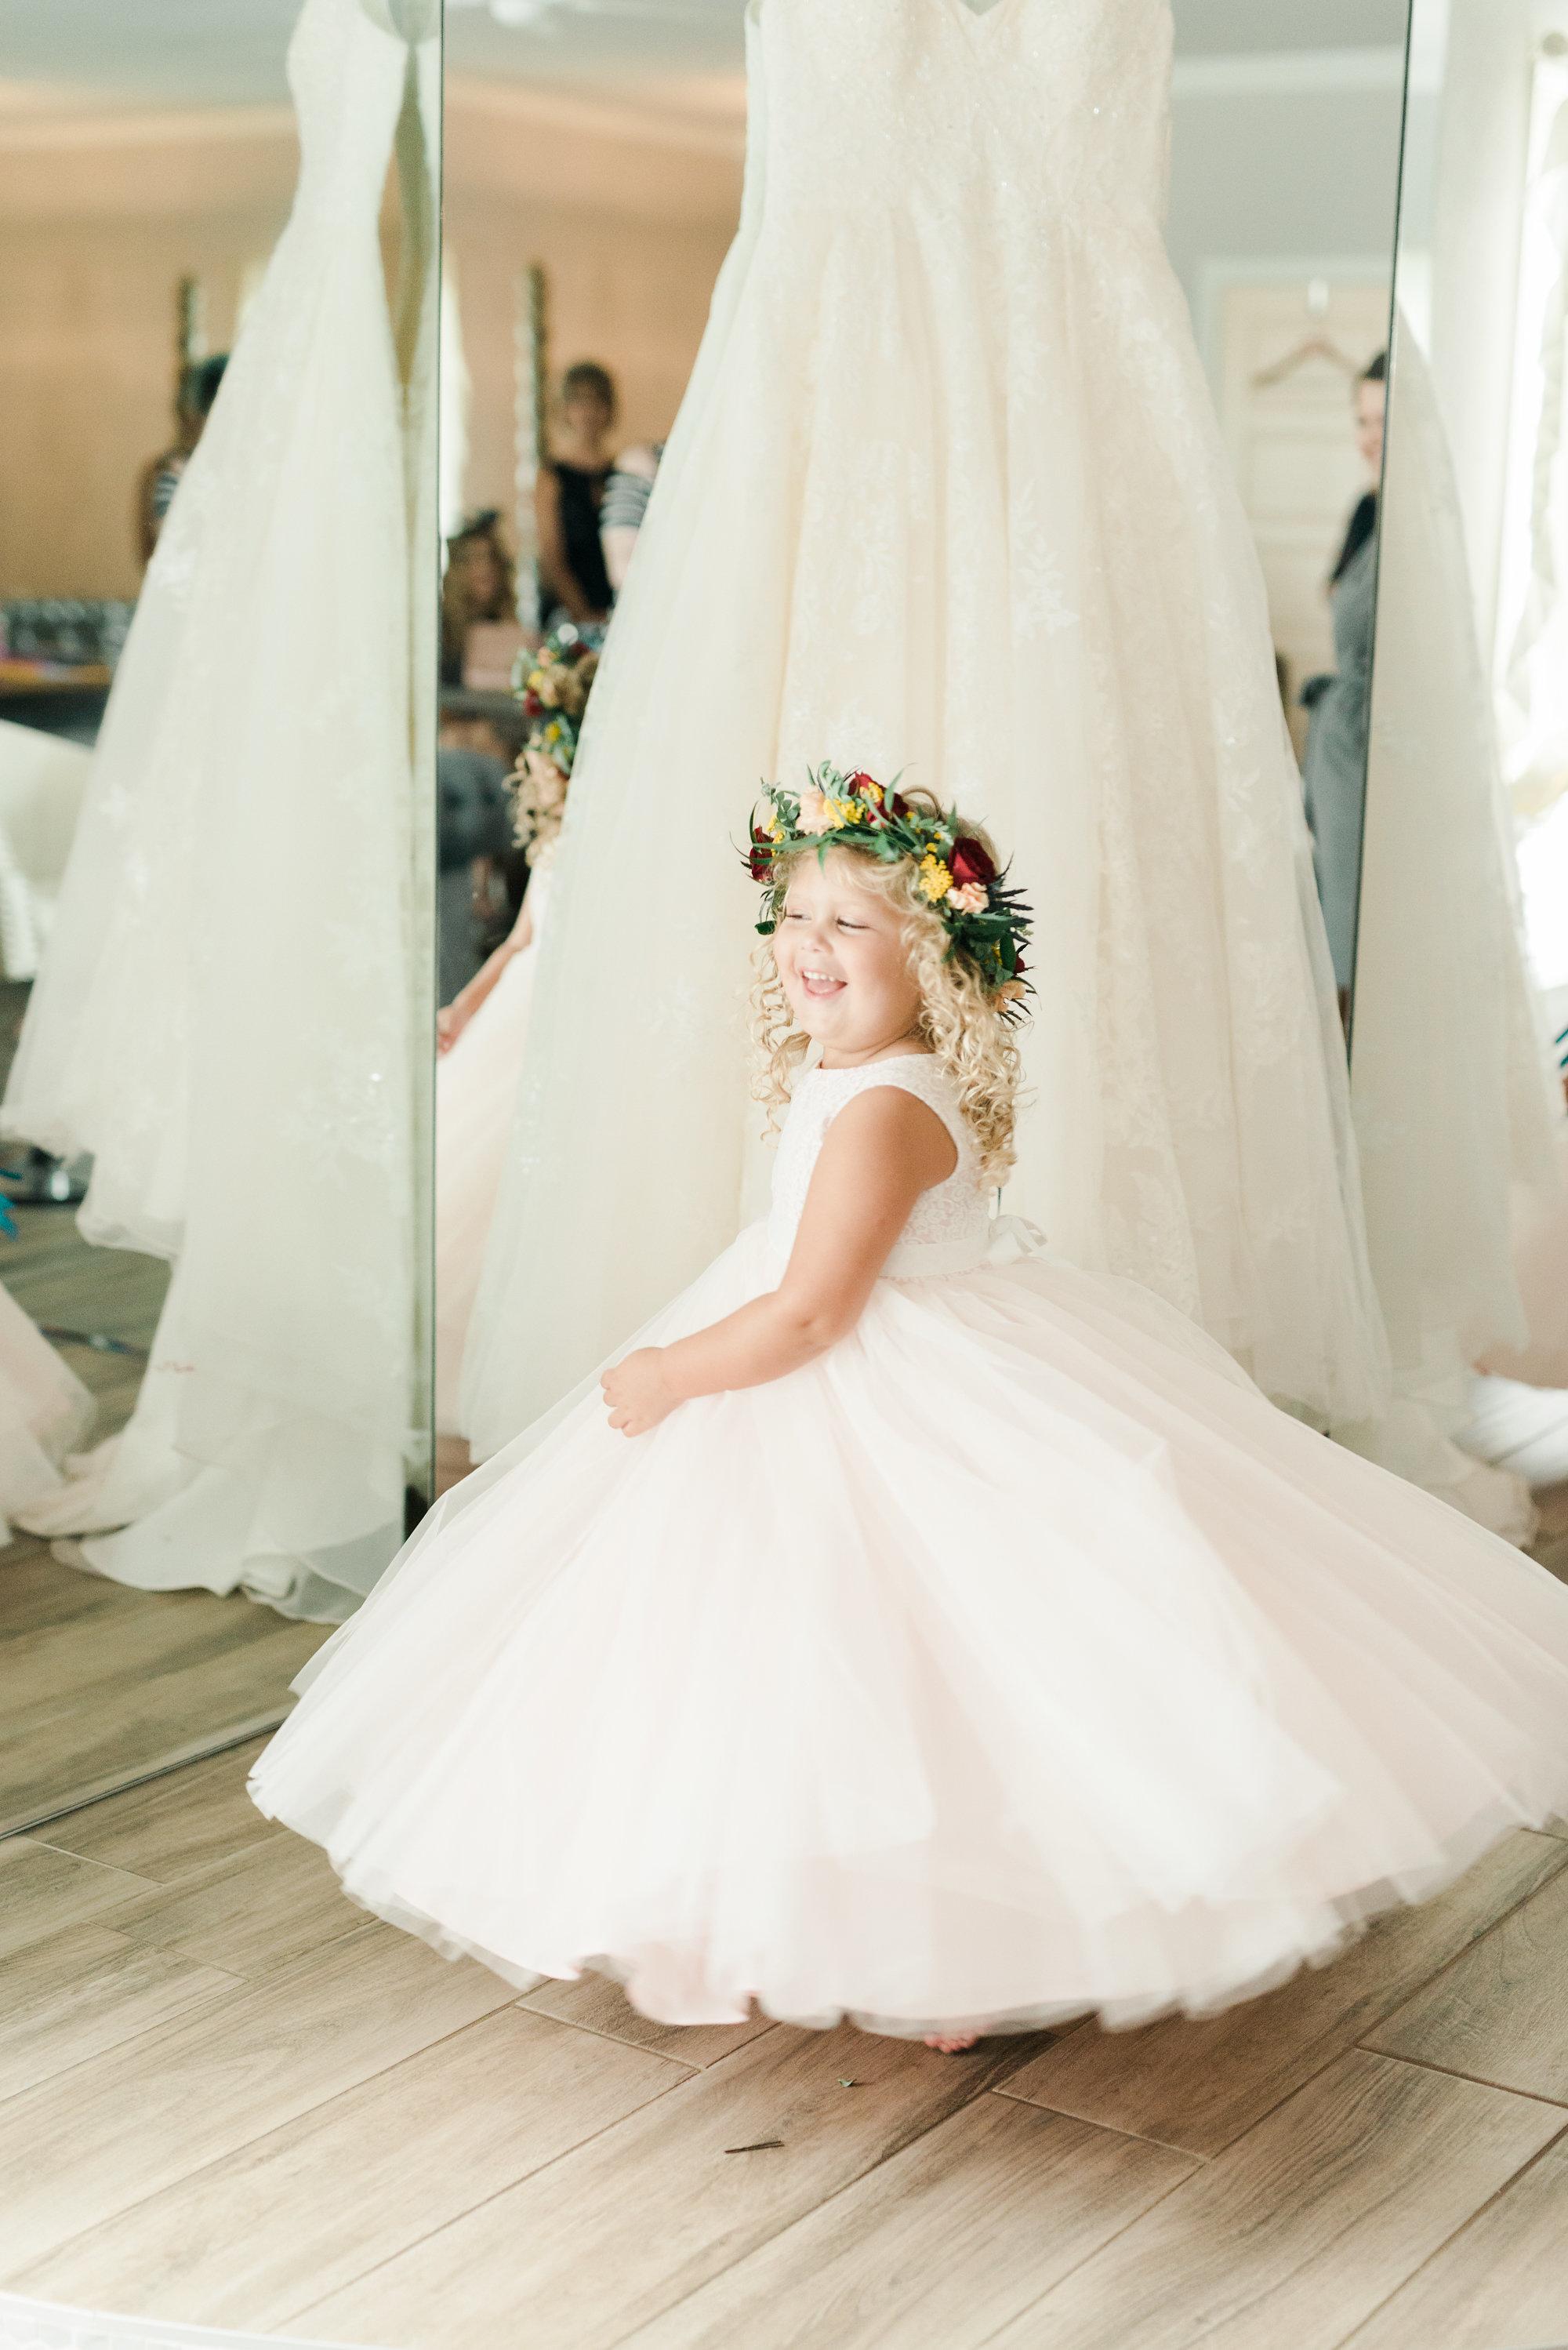 Wesley-Wedding-Ten23-Photography-72